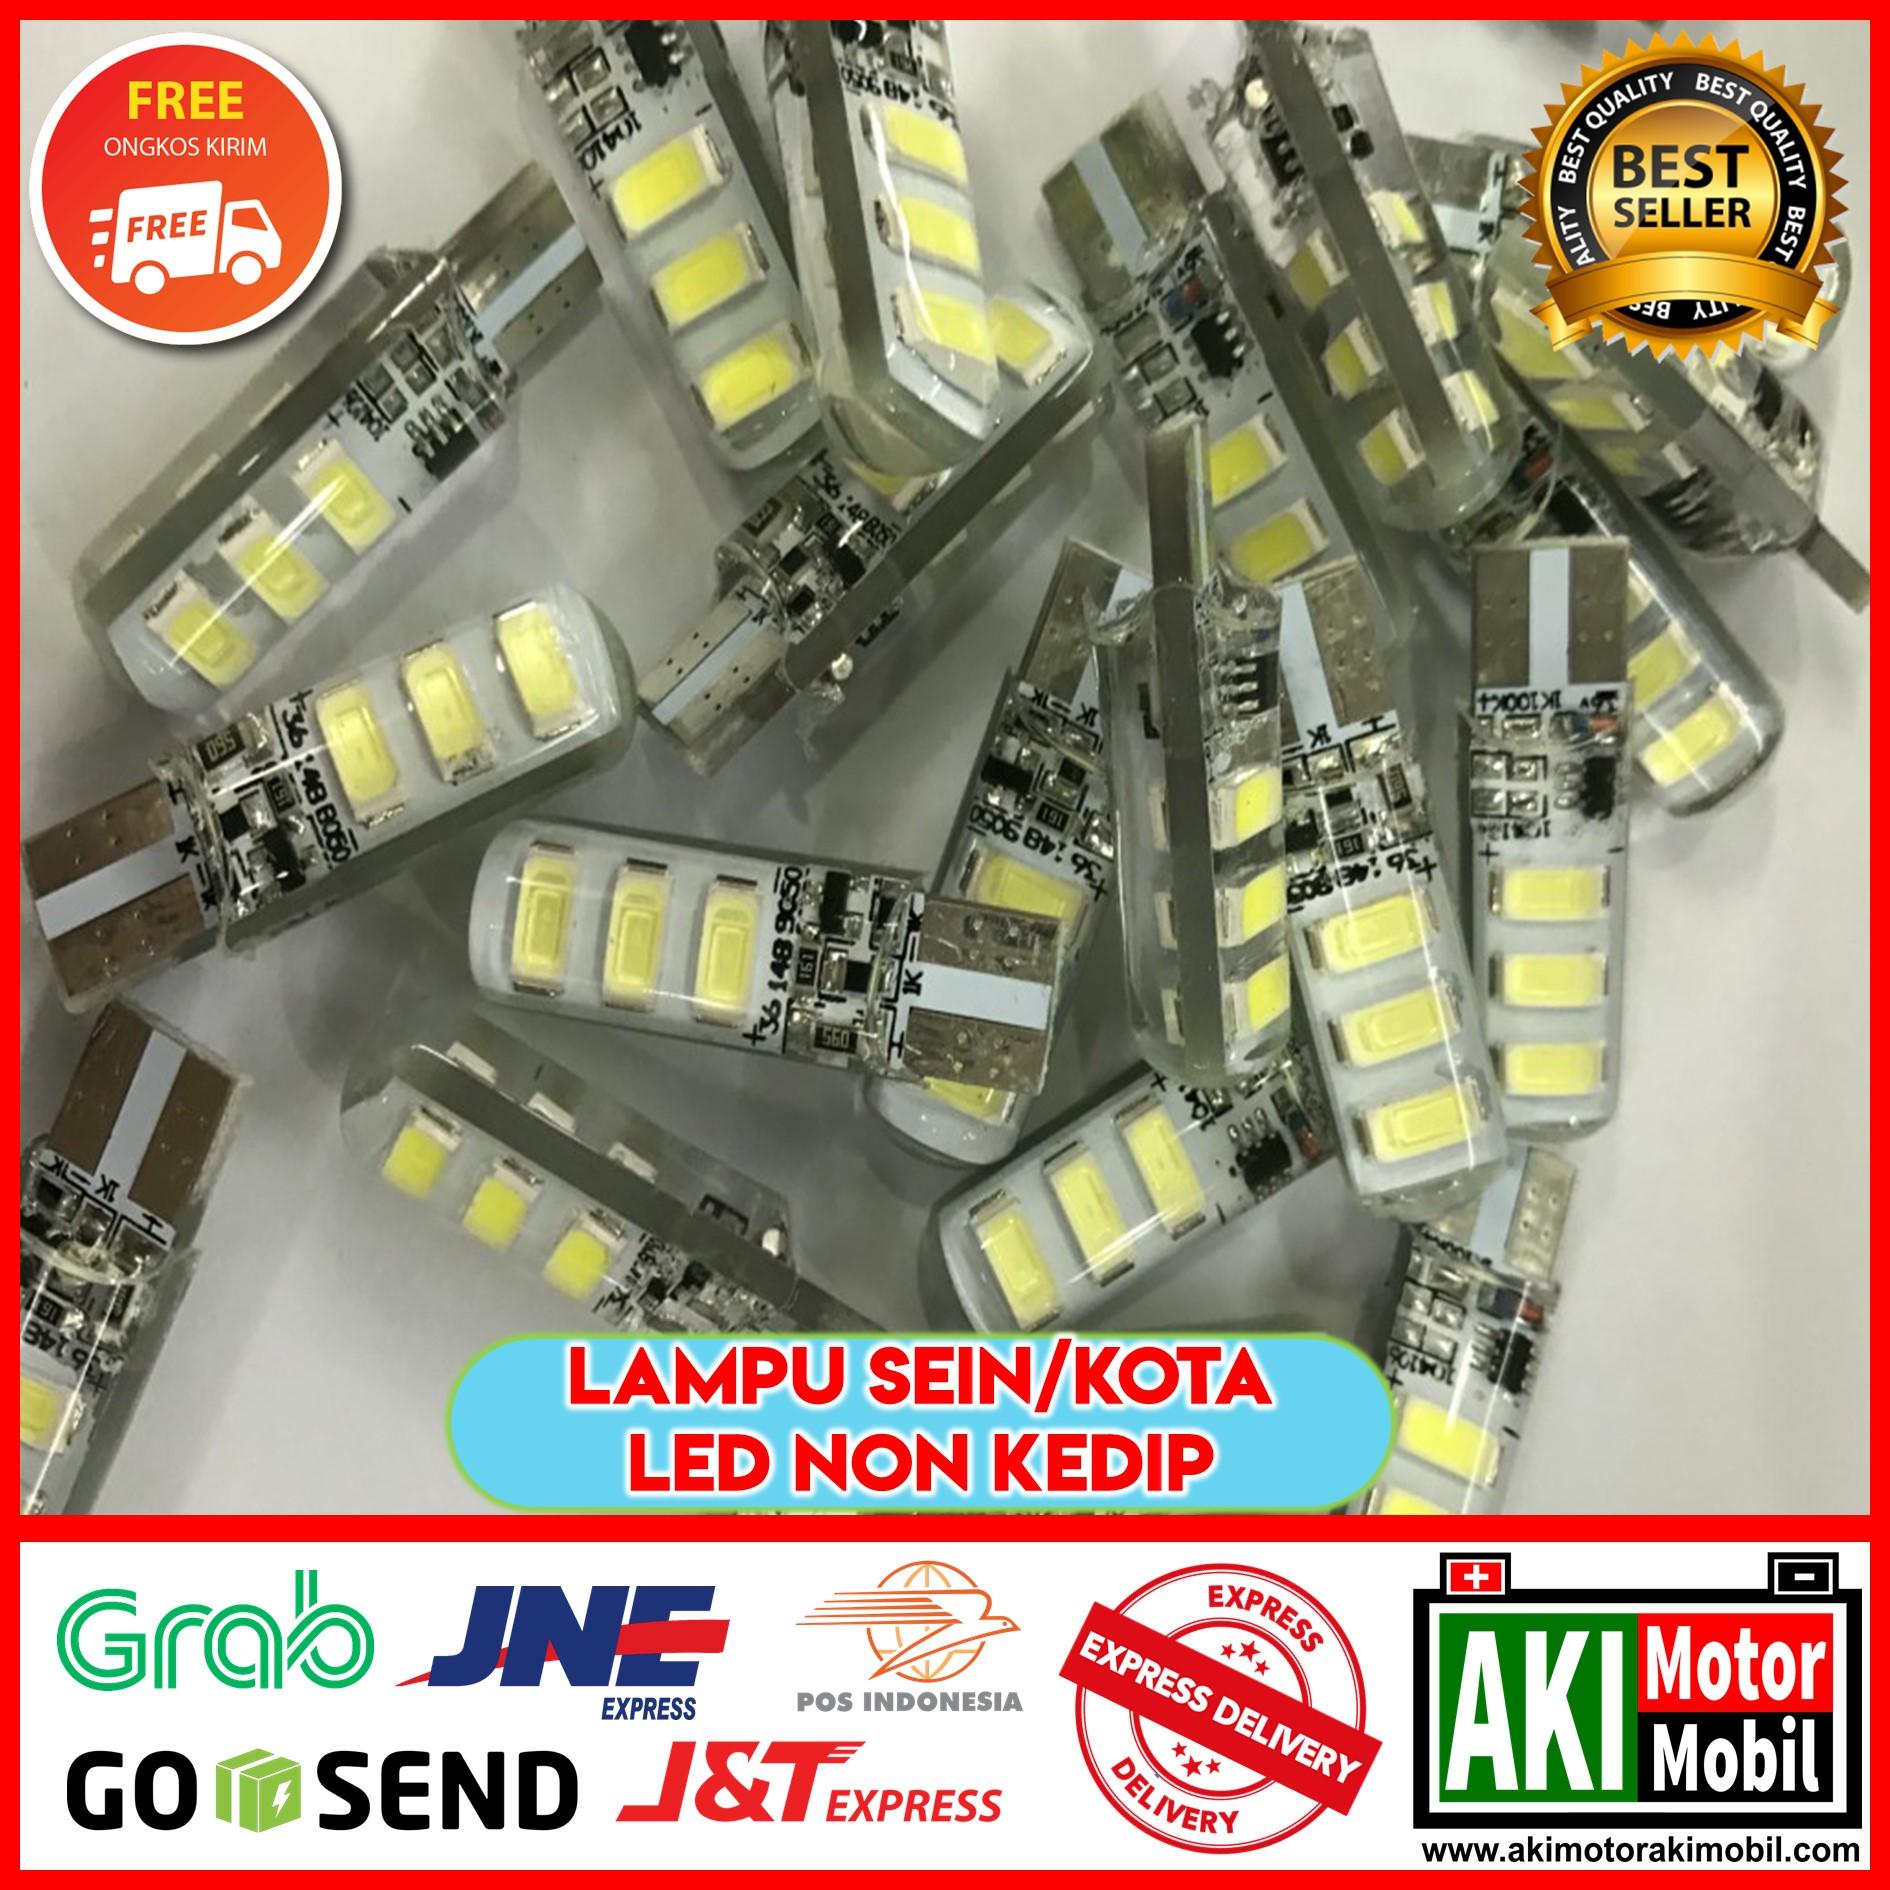 BEST SELLER - LAMPU SENJA LED NON REMOTE T10 RGB KEDIP - STROBO - LAMPU SEIN SIGN SEN / SEPASANG LAMPU LED T10 MOBIL MOTOR RGB NON REMOTE 16 WARNA / LAMPU SEN SENJA LED RGB T10 5050 SMD WARNA NON REMOT CONTROL UNIVERSAL MOTOR MOBIL